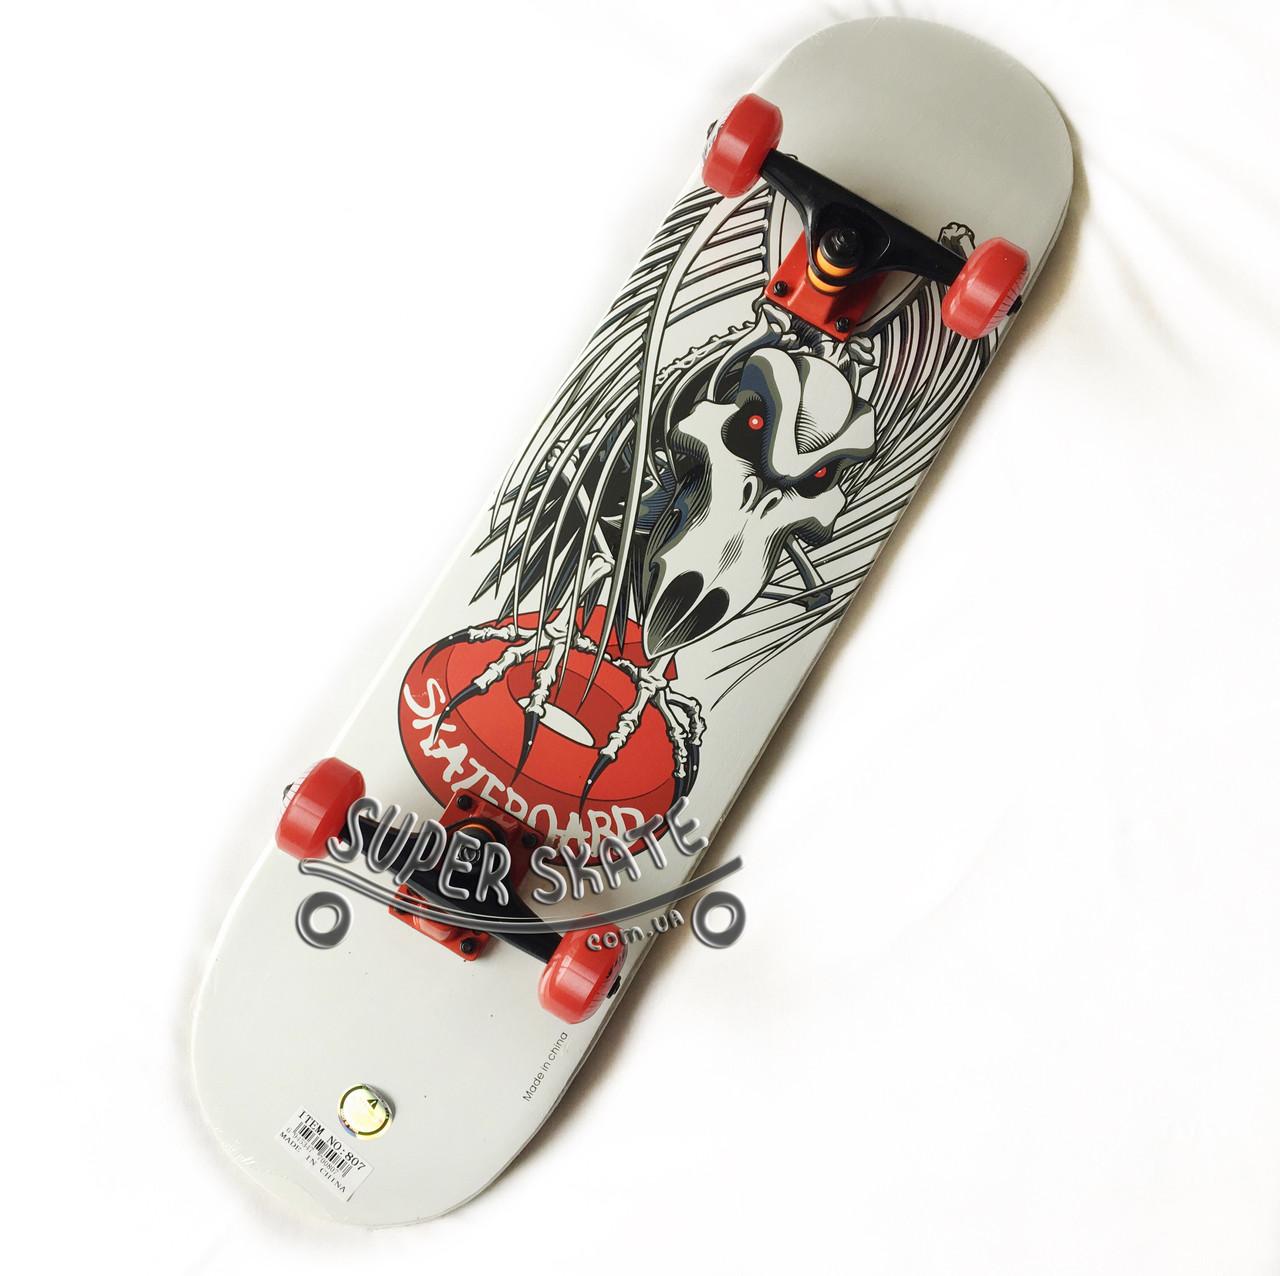 Скейтборд дерево - Dead series 79 см - Птеродактиль скейт